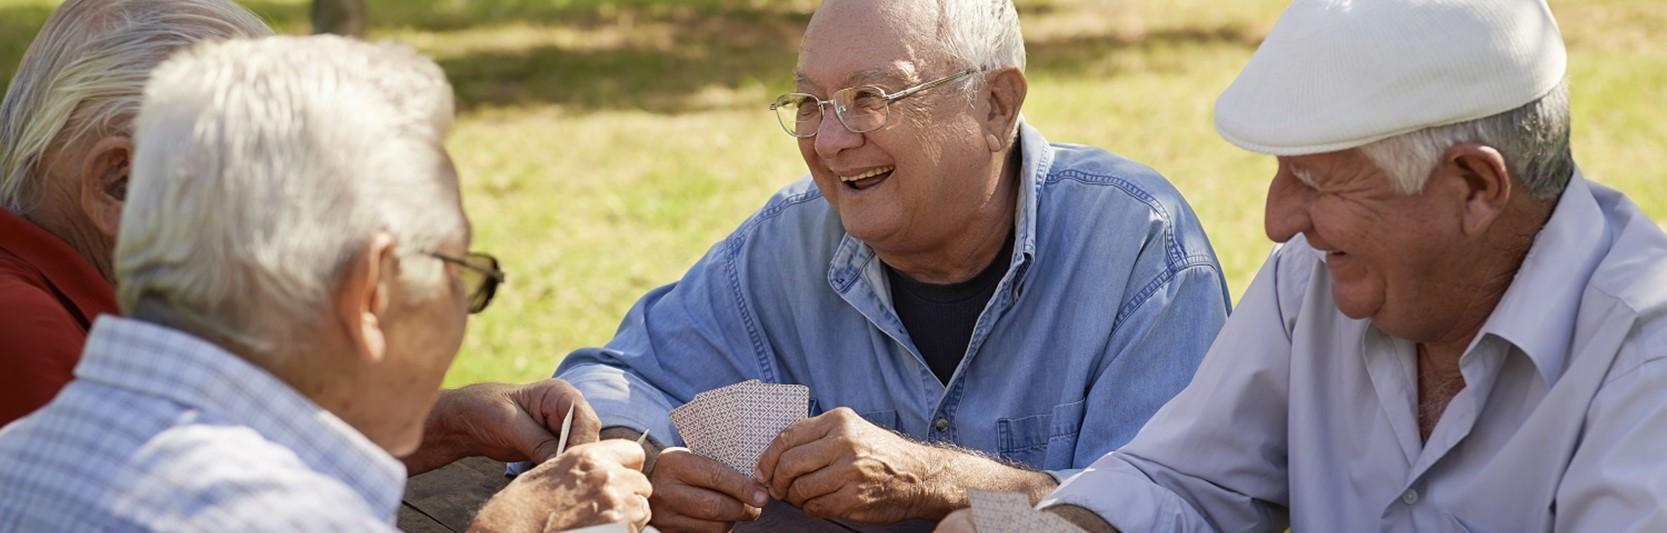 Newsartikel:Was ist Tagespflege und welche Vorteile bietet diese?